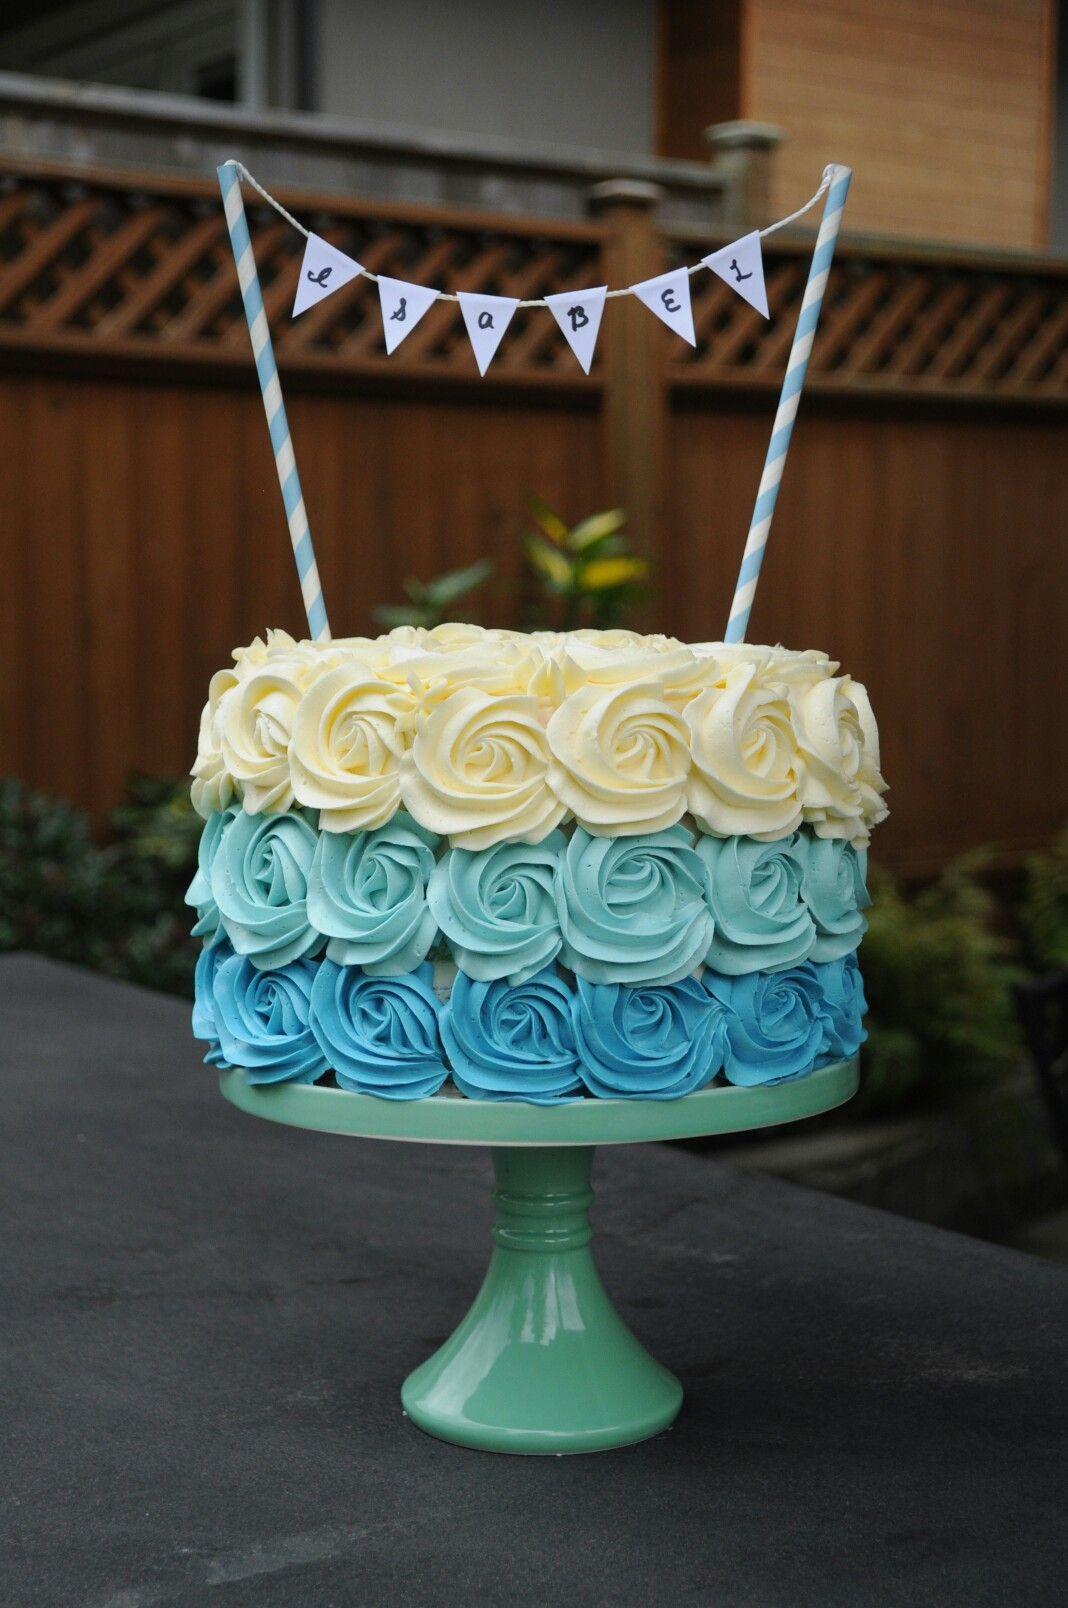 Ombr Rosette Birthday Cake Cakes By Lexi Pinterest Cake